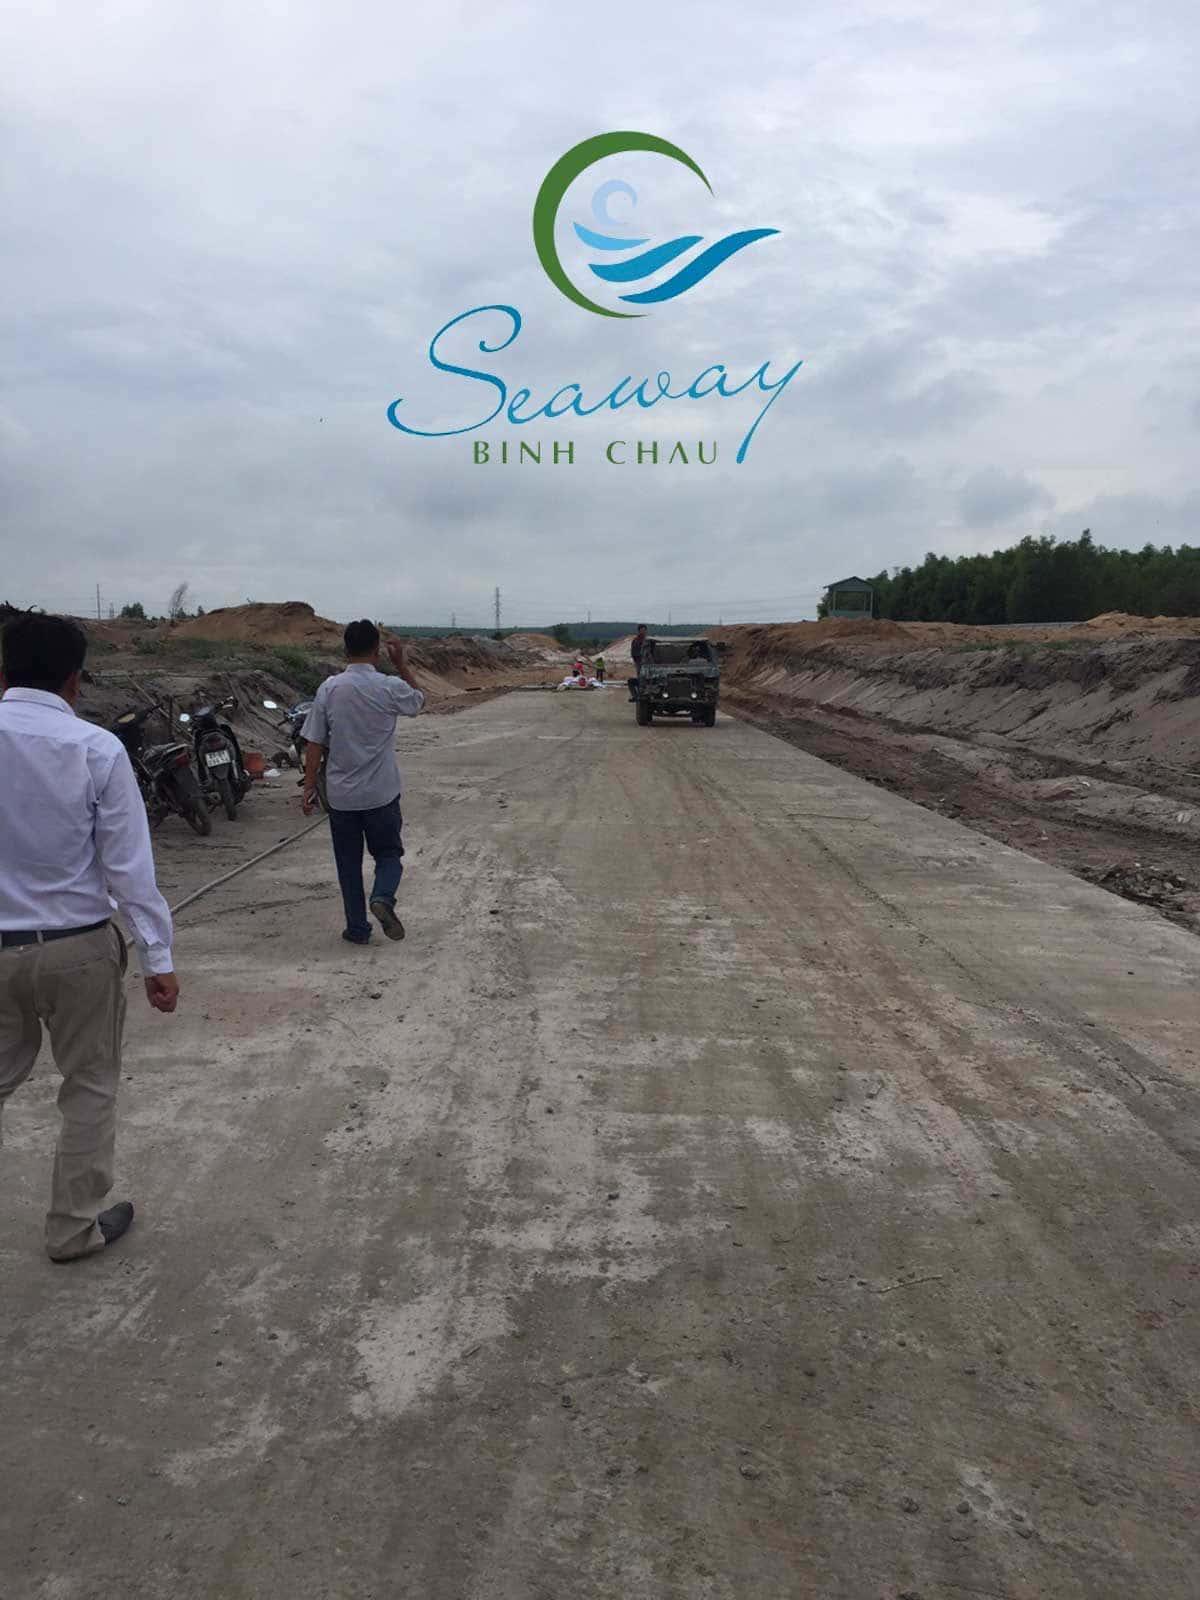 thi-cong-truc-chinh-seaway-binh-chau-thang-12-2018